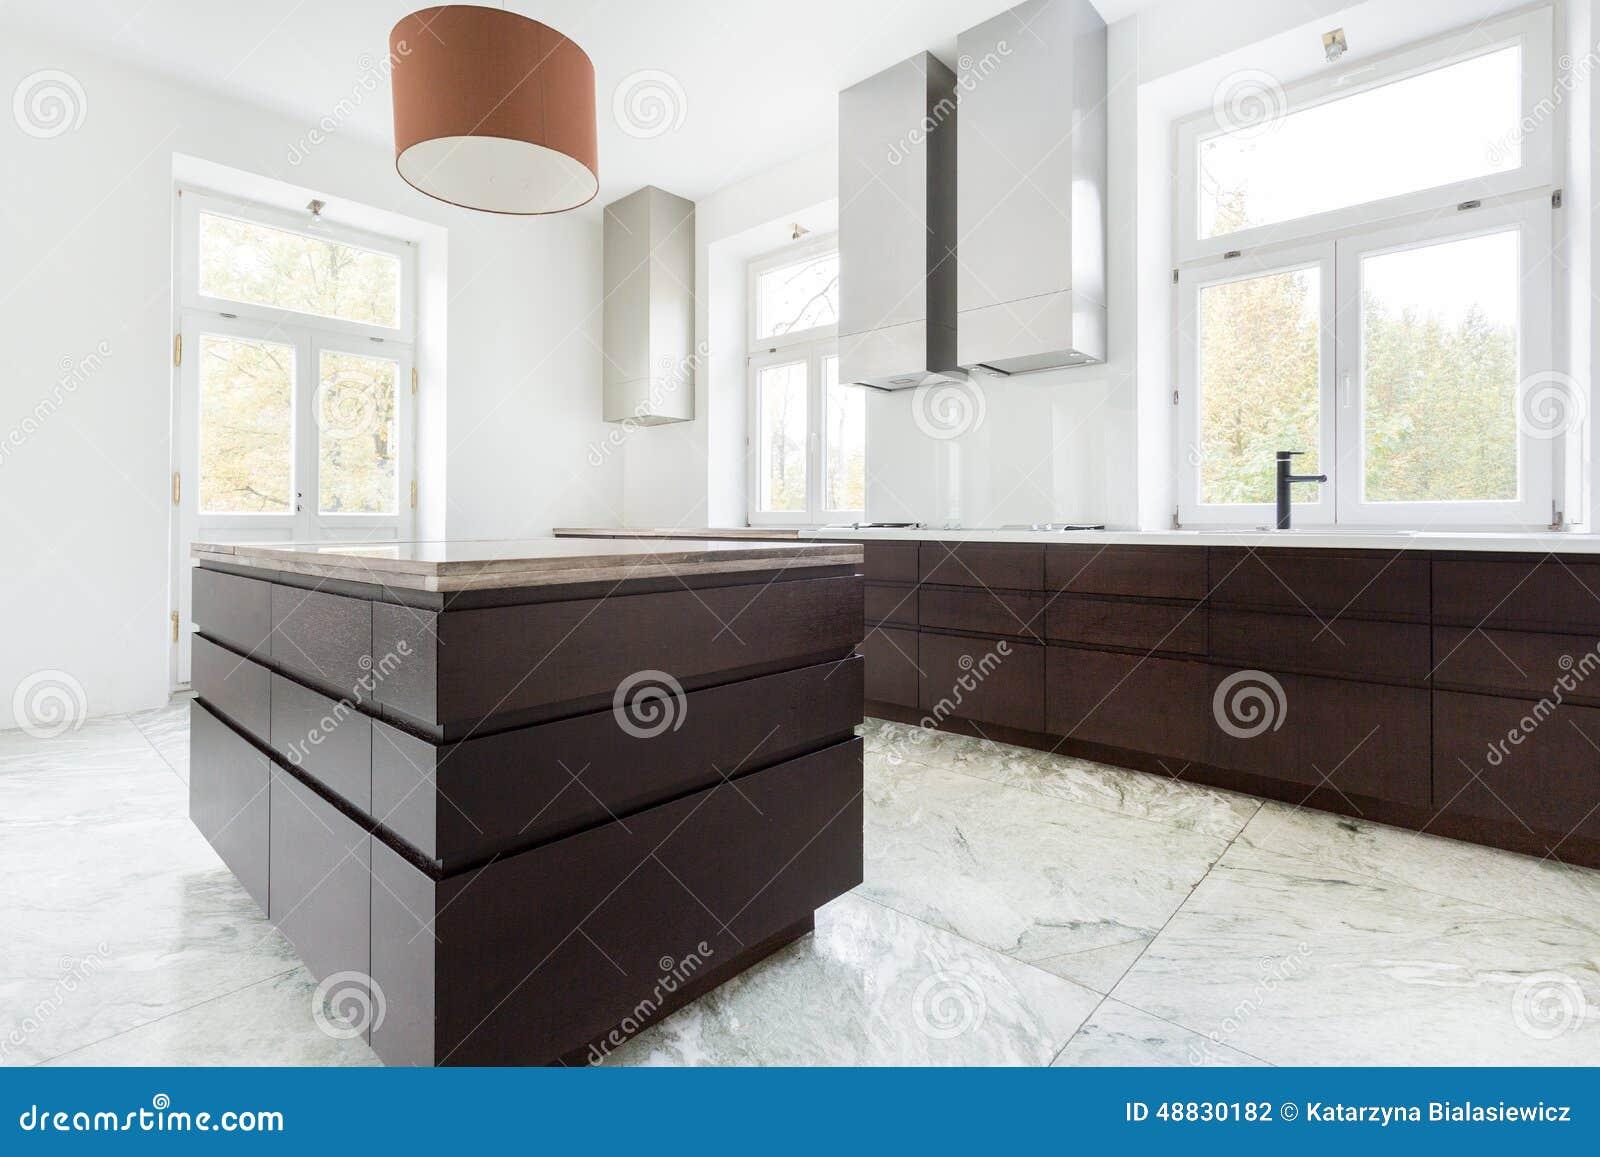 dunkle m bel in der modernen k che stockfoto bild 48830182. Black Bedroom Furniture Sets. Home Design Ideas